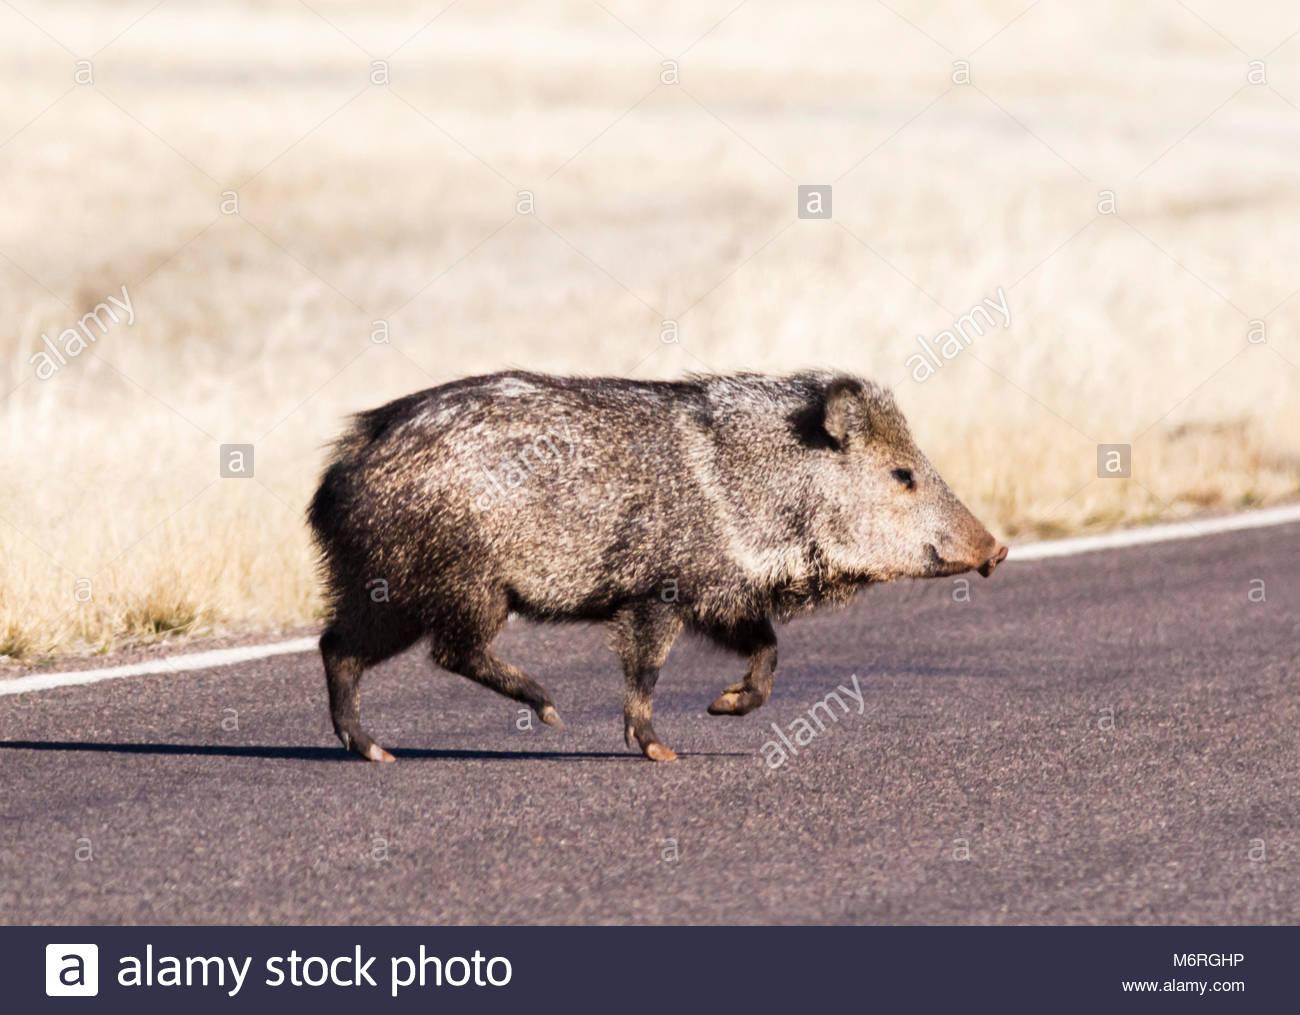 javelina-collared-peccary-pecari-tajacu-crossing-road-in-arizona-usa-M6RGHP.jpg